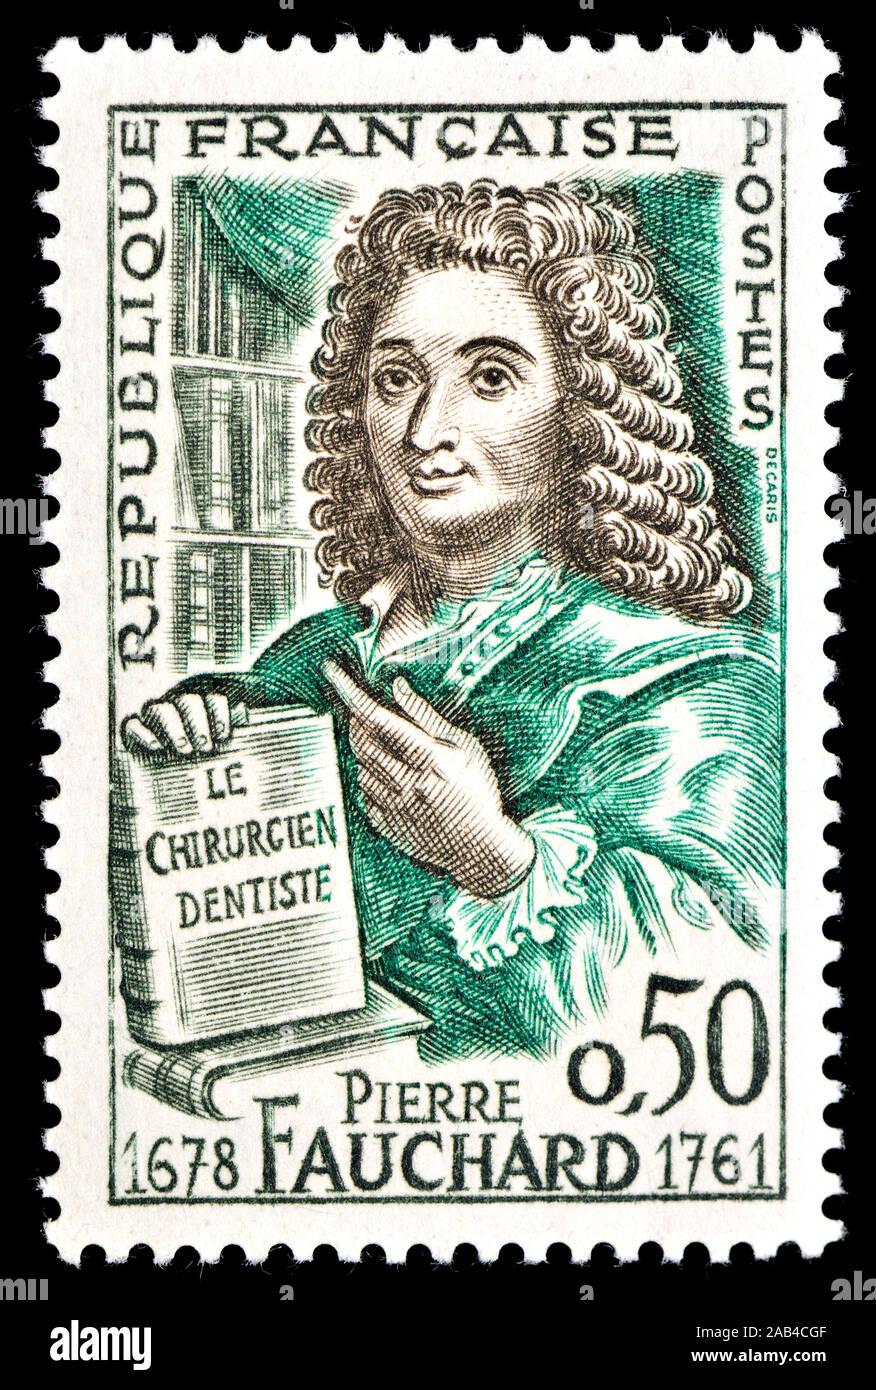 """Sello francés (1961) : Pierre Fauchard (1678-1761), médico francés, reconocido como el """"padre de la odontología moderna"""" Foto de stock"""